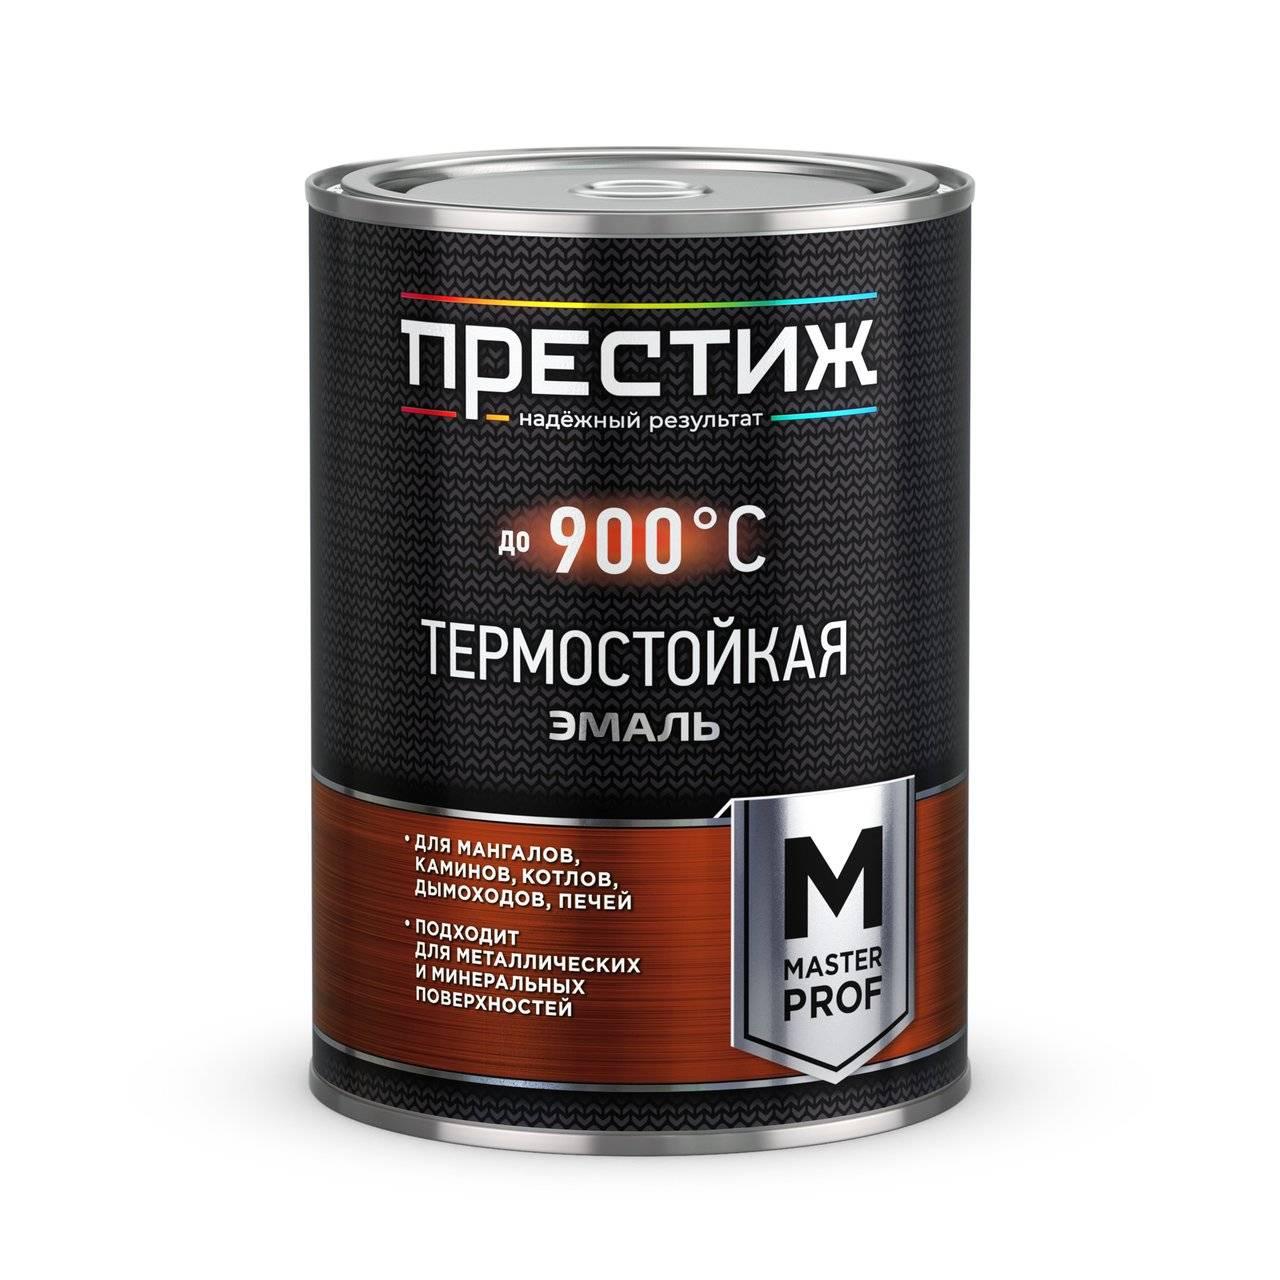 Термостойкая краска по металлу - как выбрать и нанести